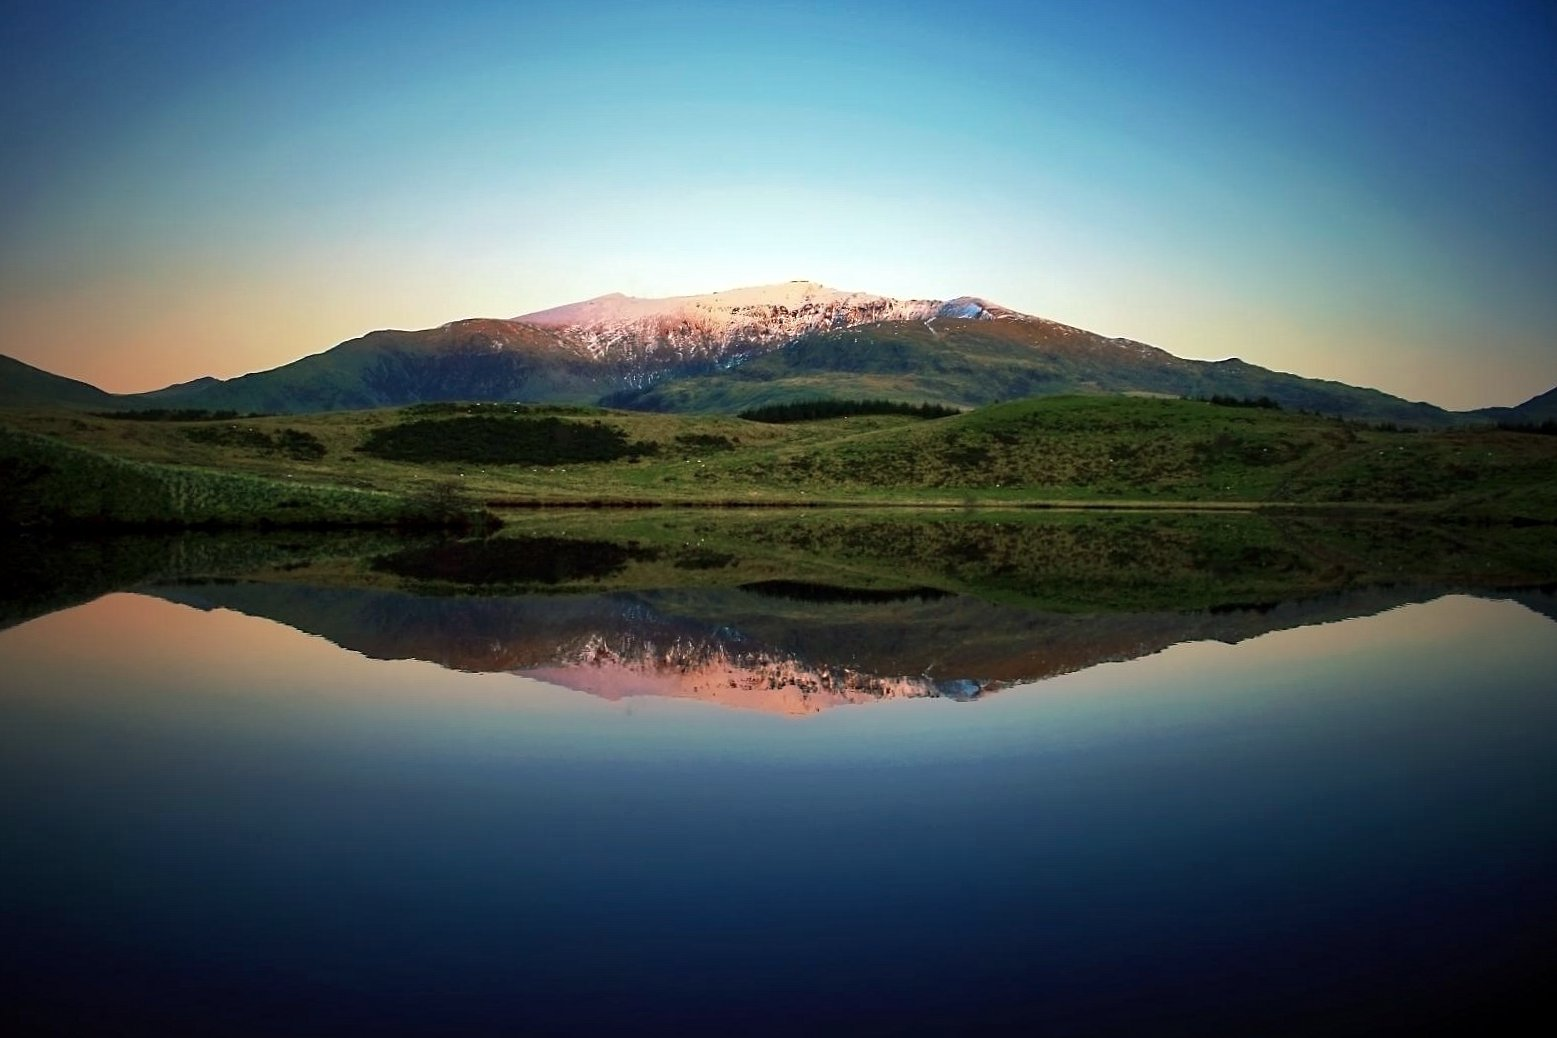 Snowdon and lake